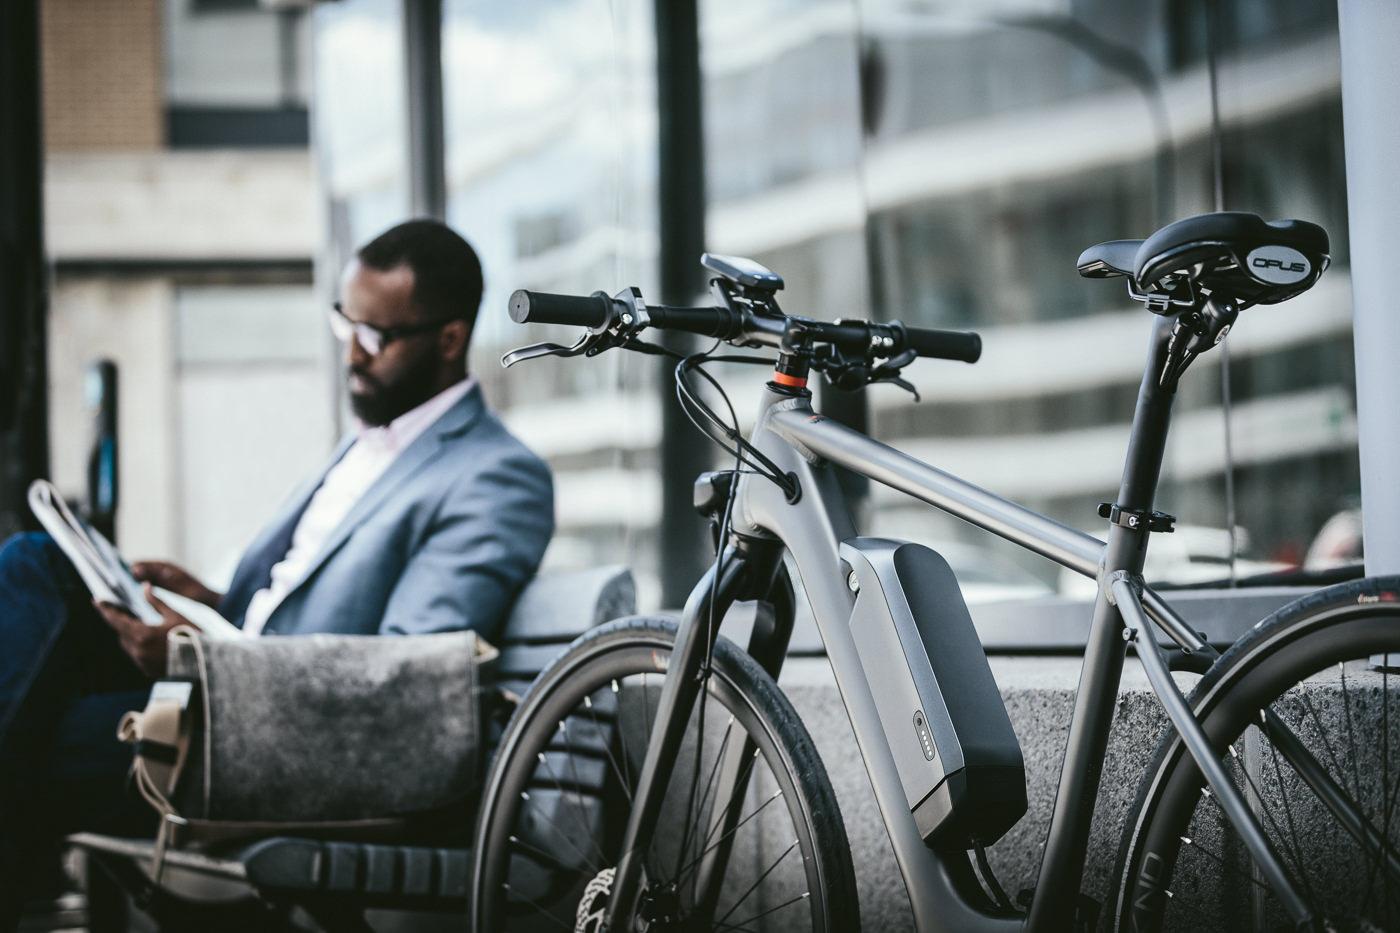 Vélo Opus Bike électrique dans un décor urbain